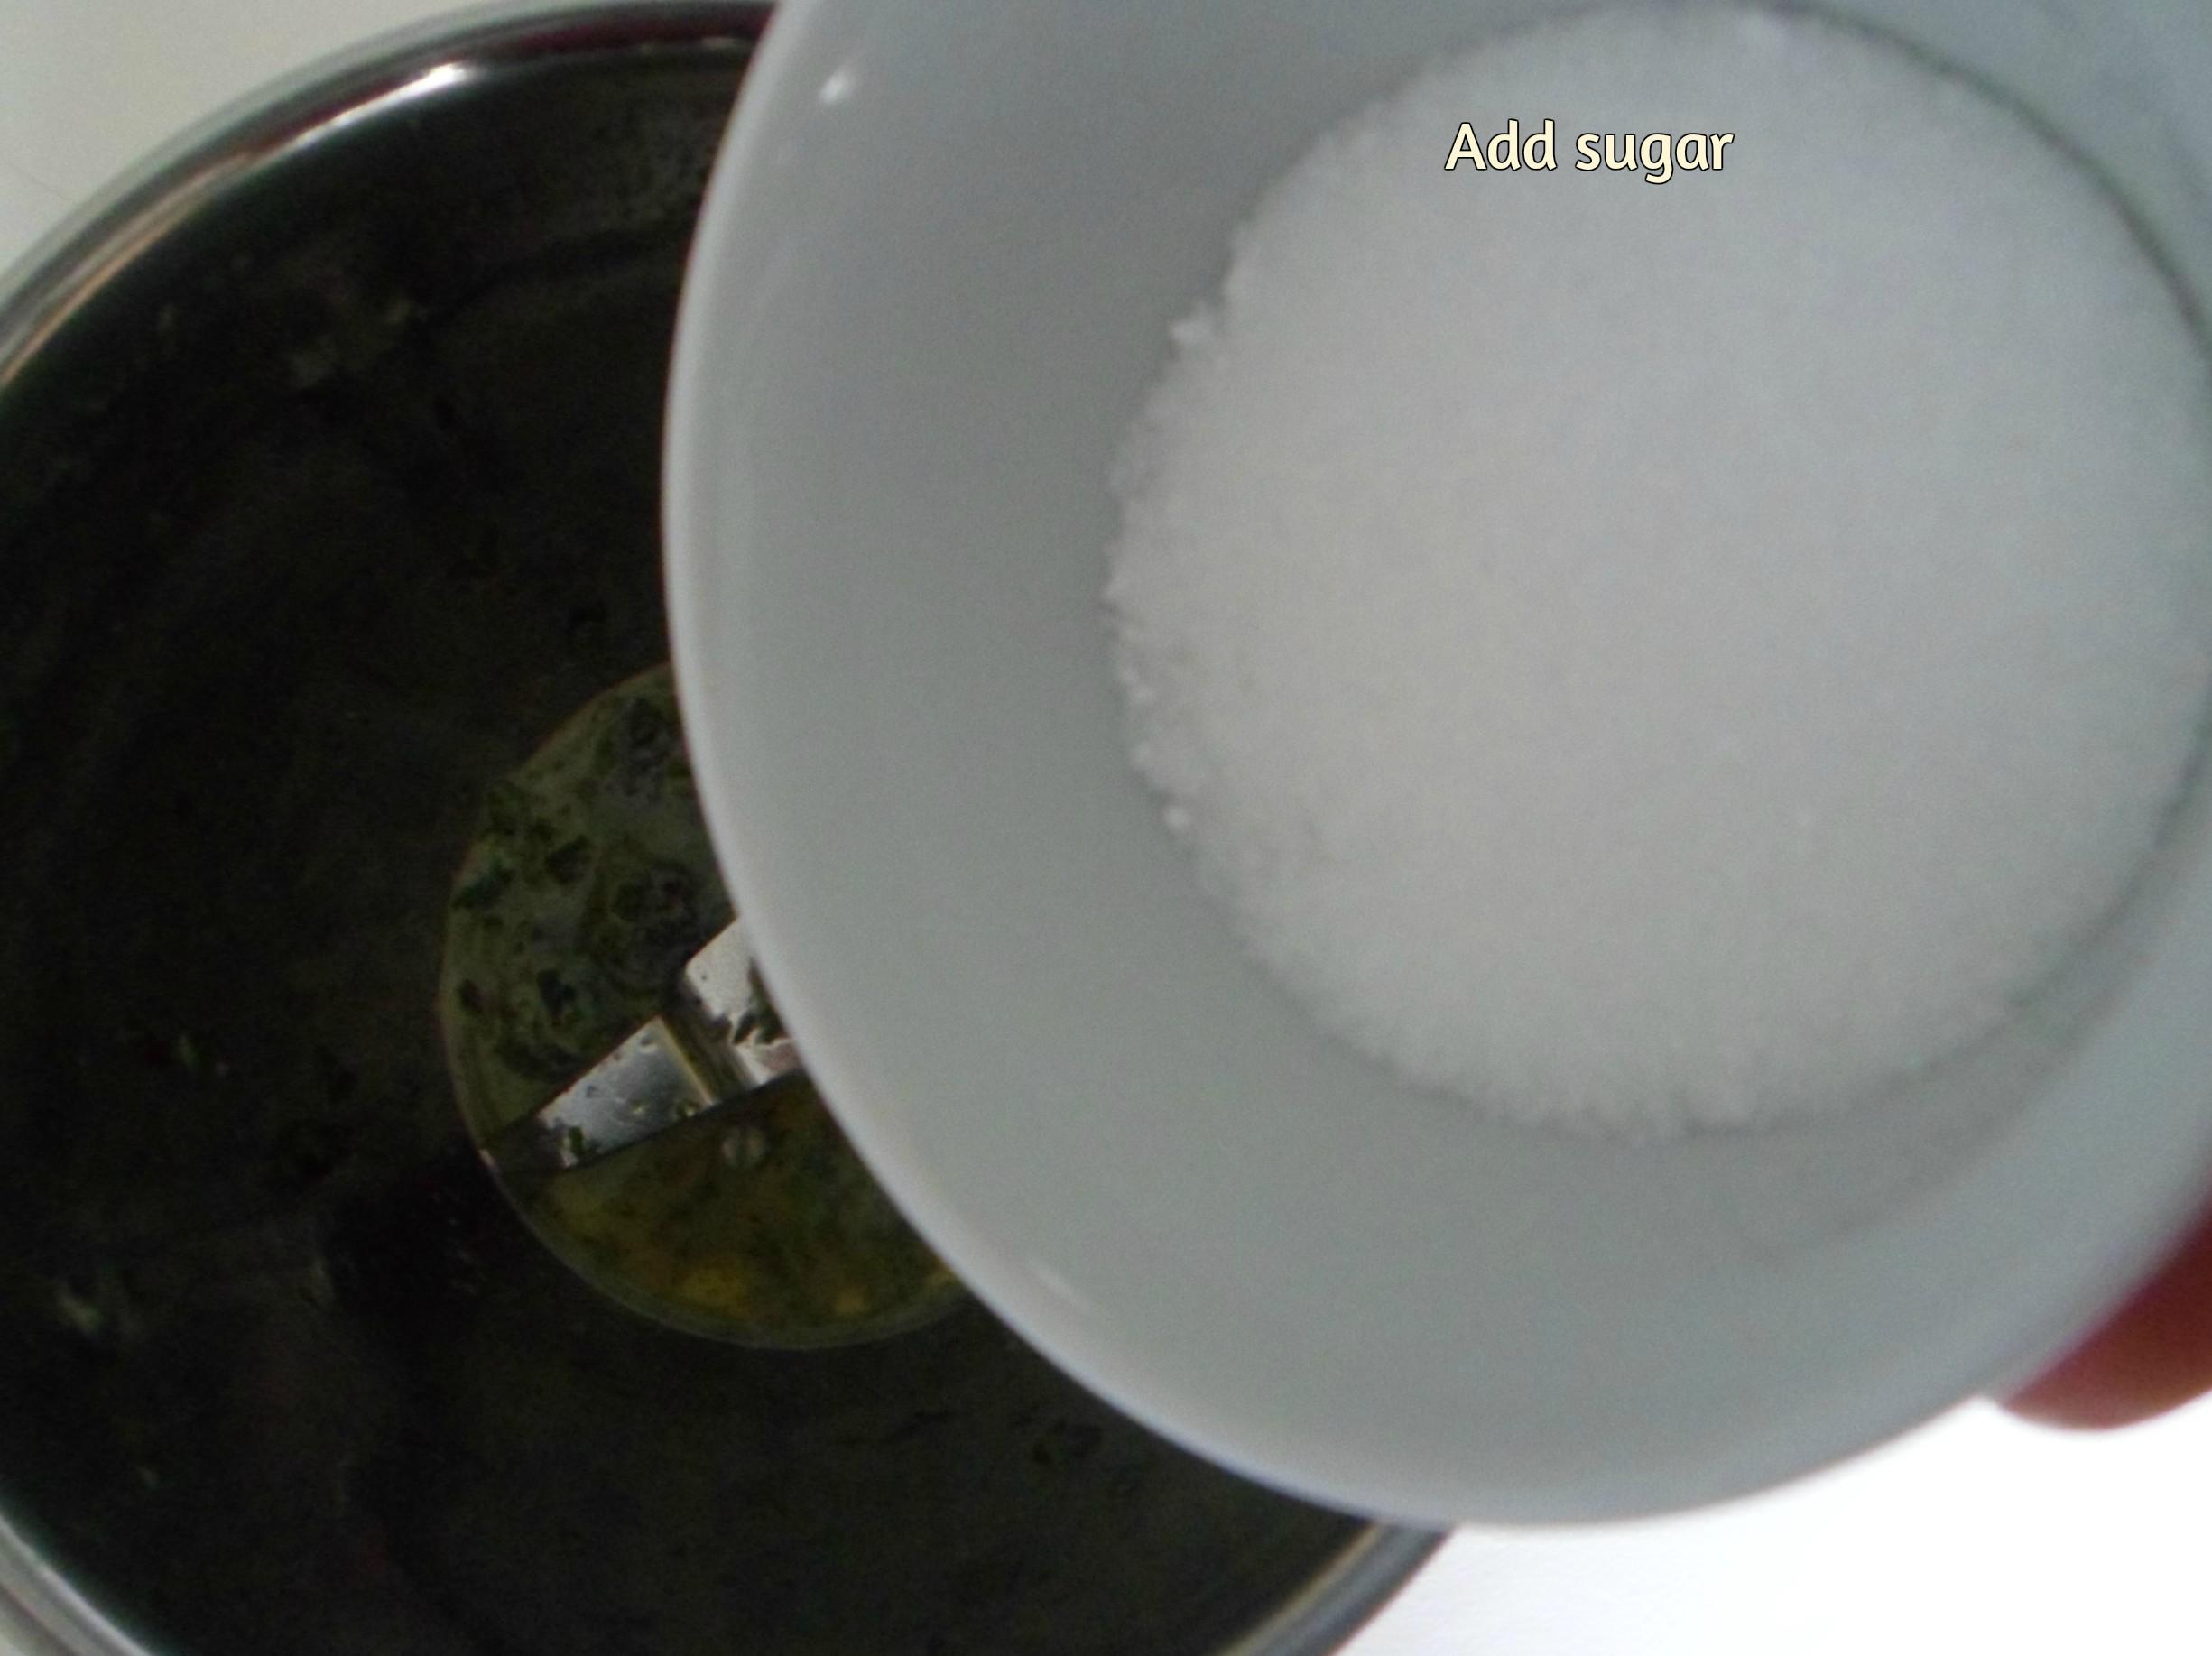 Picture of Add Sugar